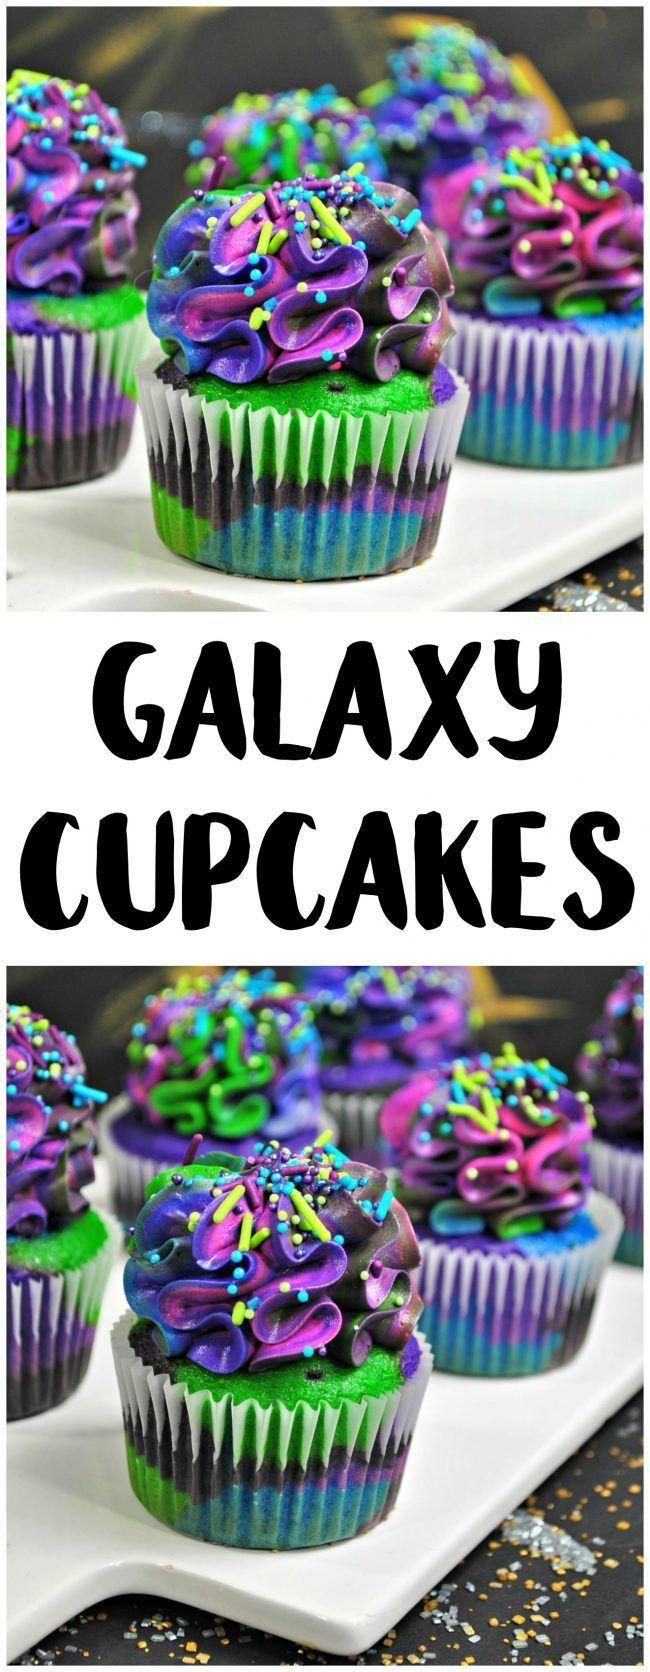 Solo Ein Rezept für Star Wars Story Galaxy Cupcakes Solo Ein Rezept für Star Wars Story Galaxy Cupcakes